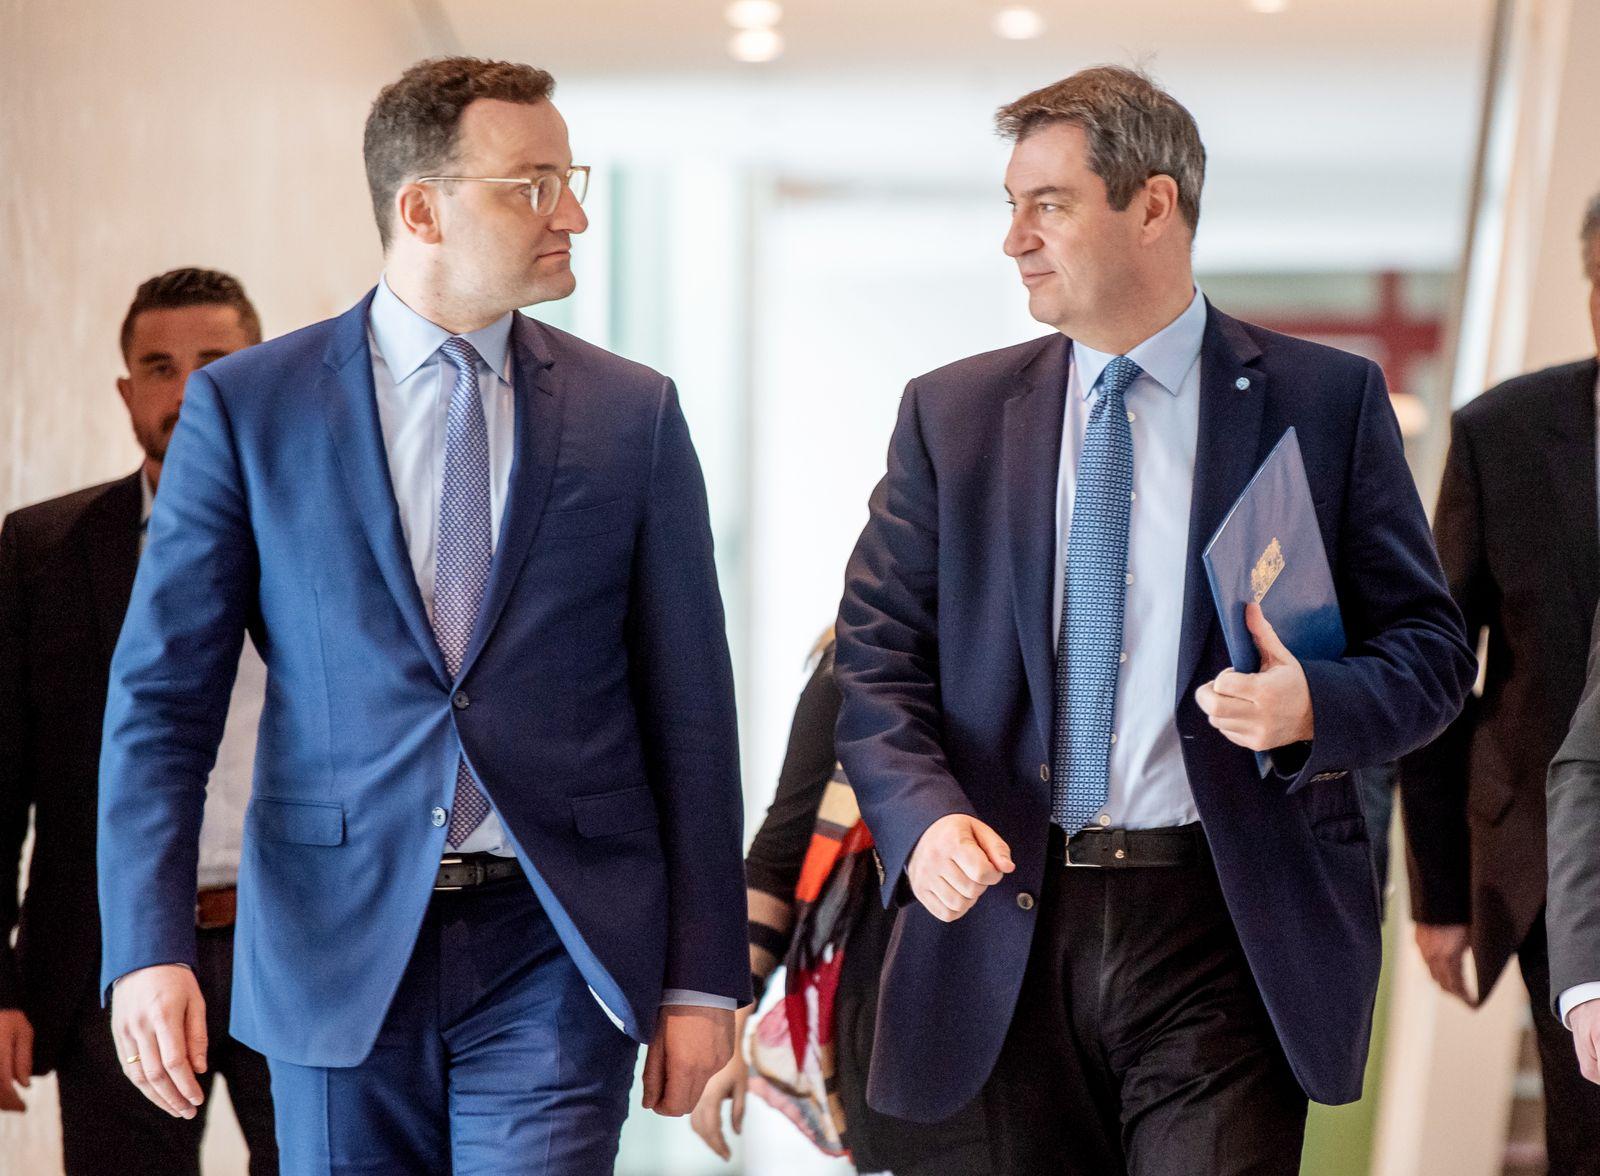 Coronavirus - Bayern - Kabinettssitzung